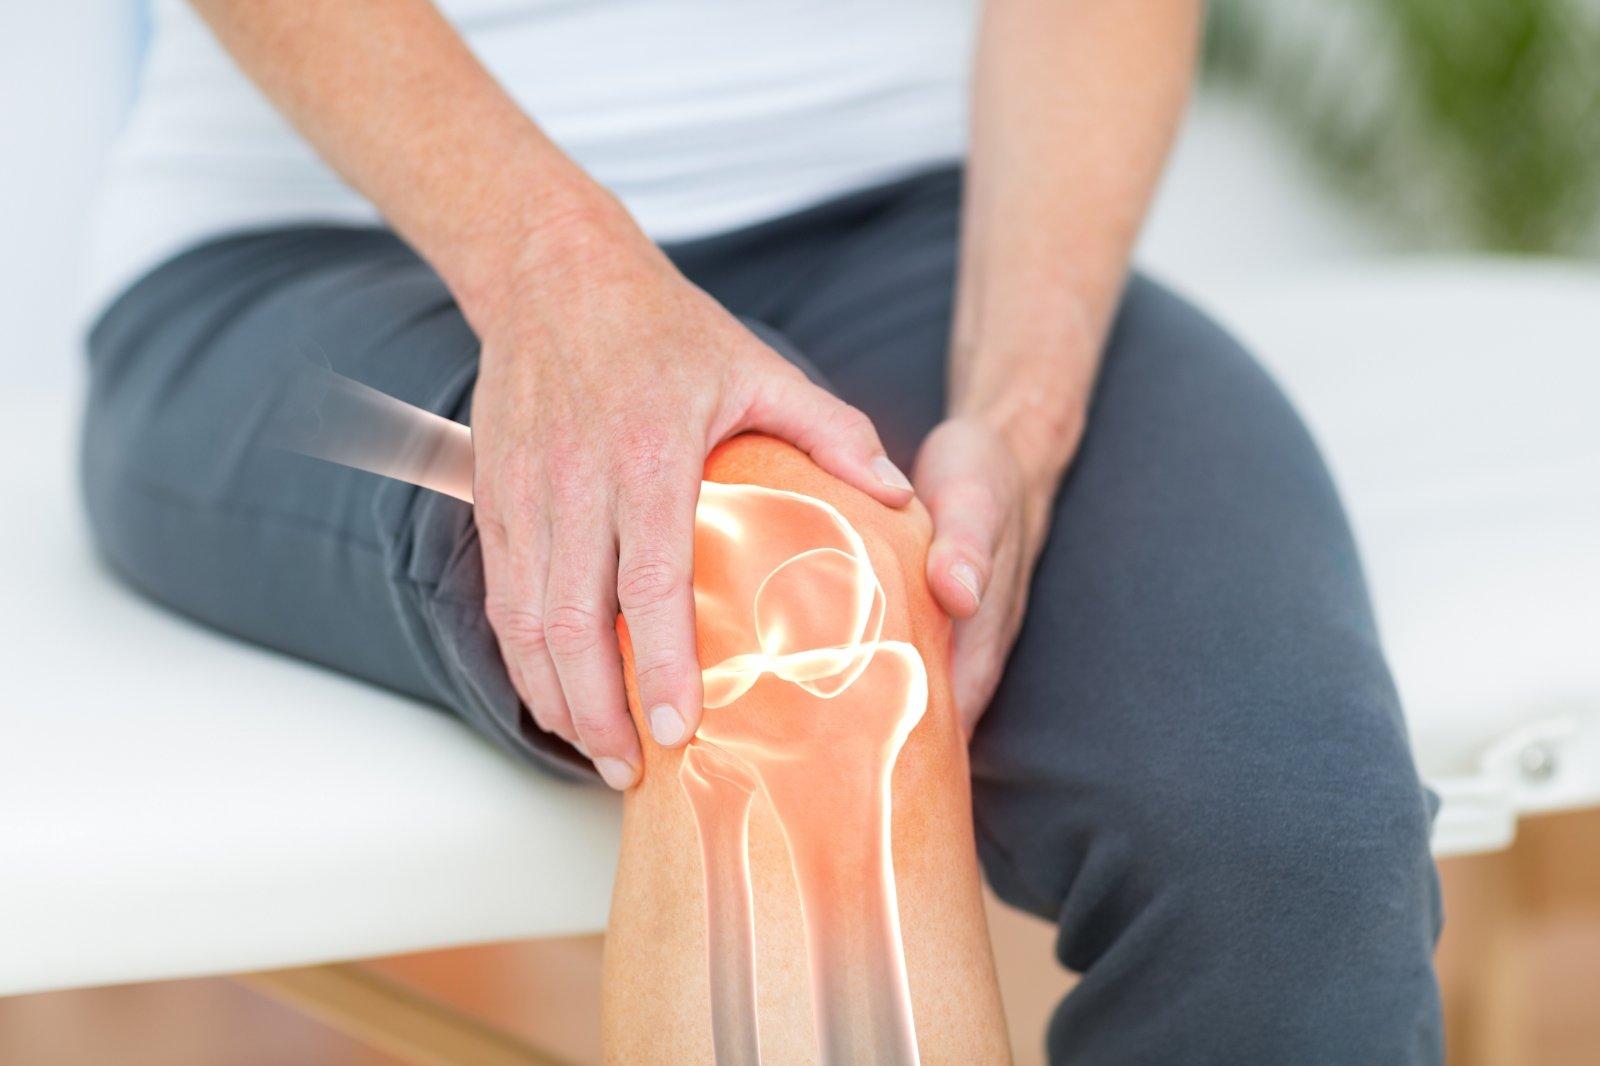 artrozė 2 maži sąnariai periodinė skausmas raumenyse ir sąnariuose